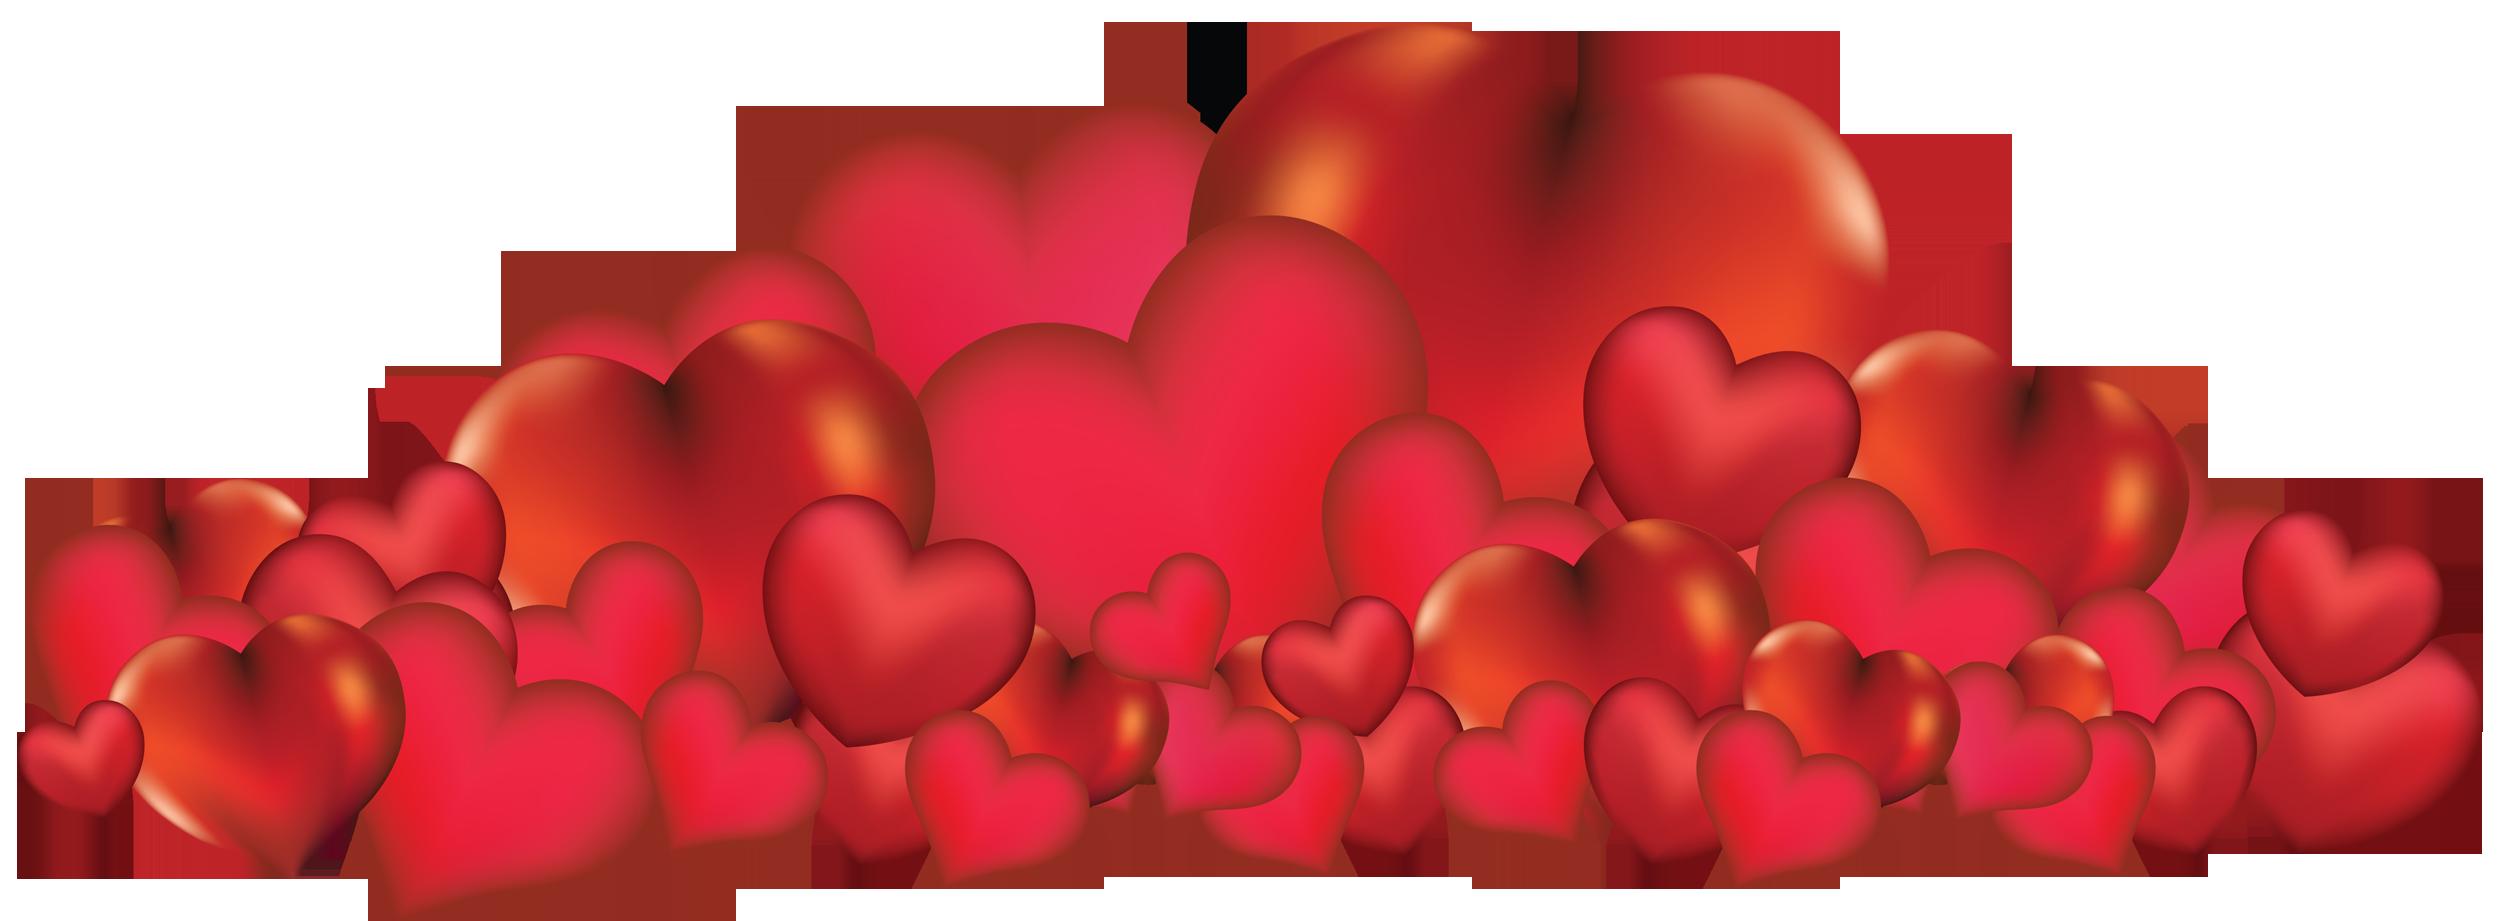 более картинки сердечки самые красивые на прозрачном фоне обоями